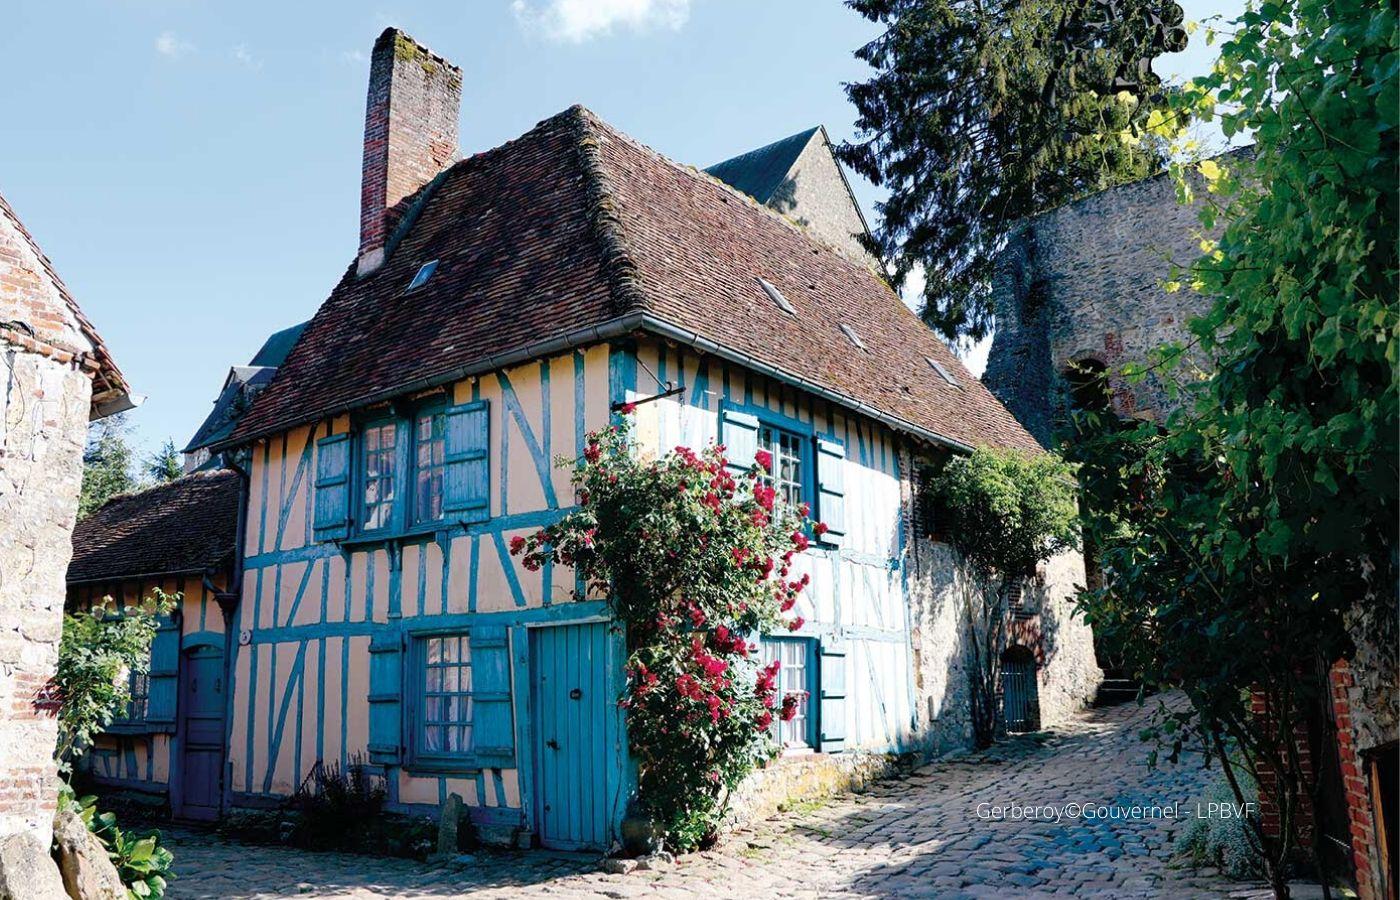 séjour ou week end en amoureux Normandie - gerberoy - 4 roues sous 1 parapluie